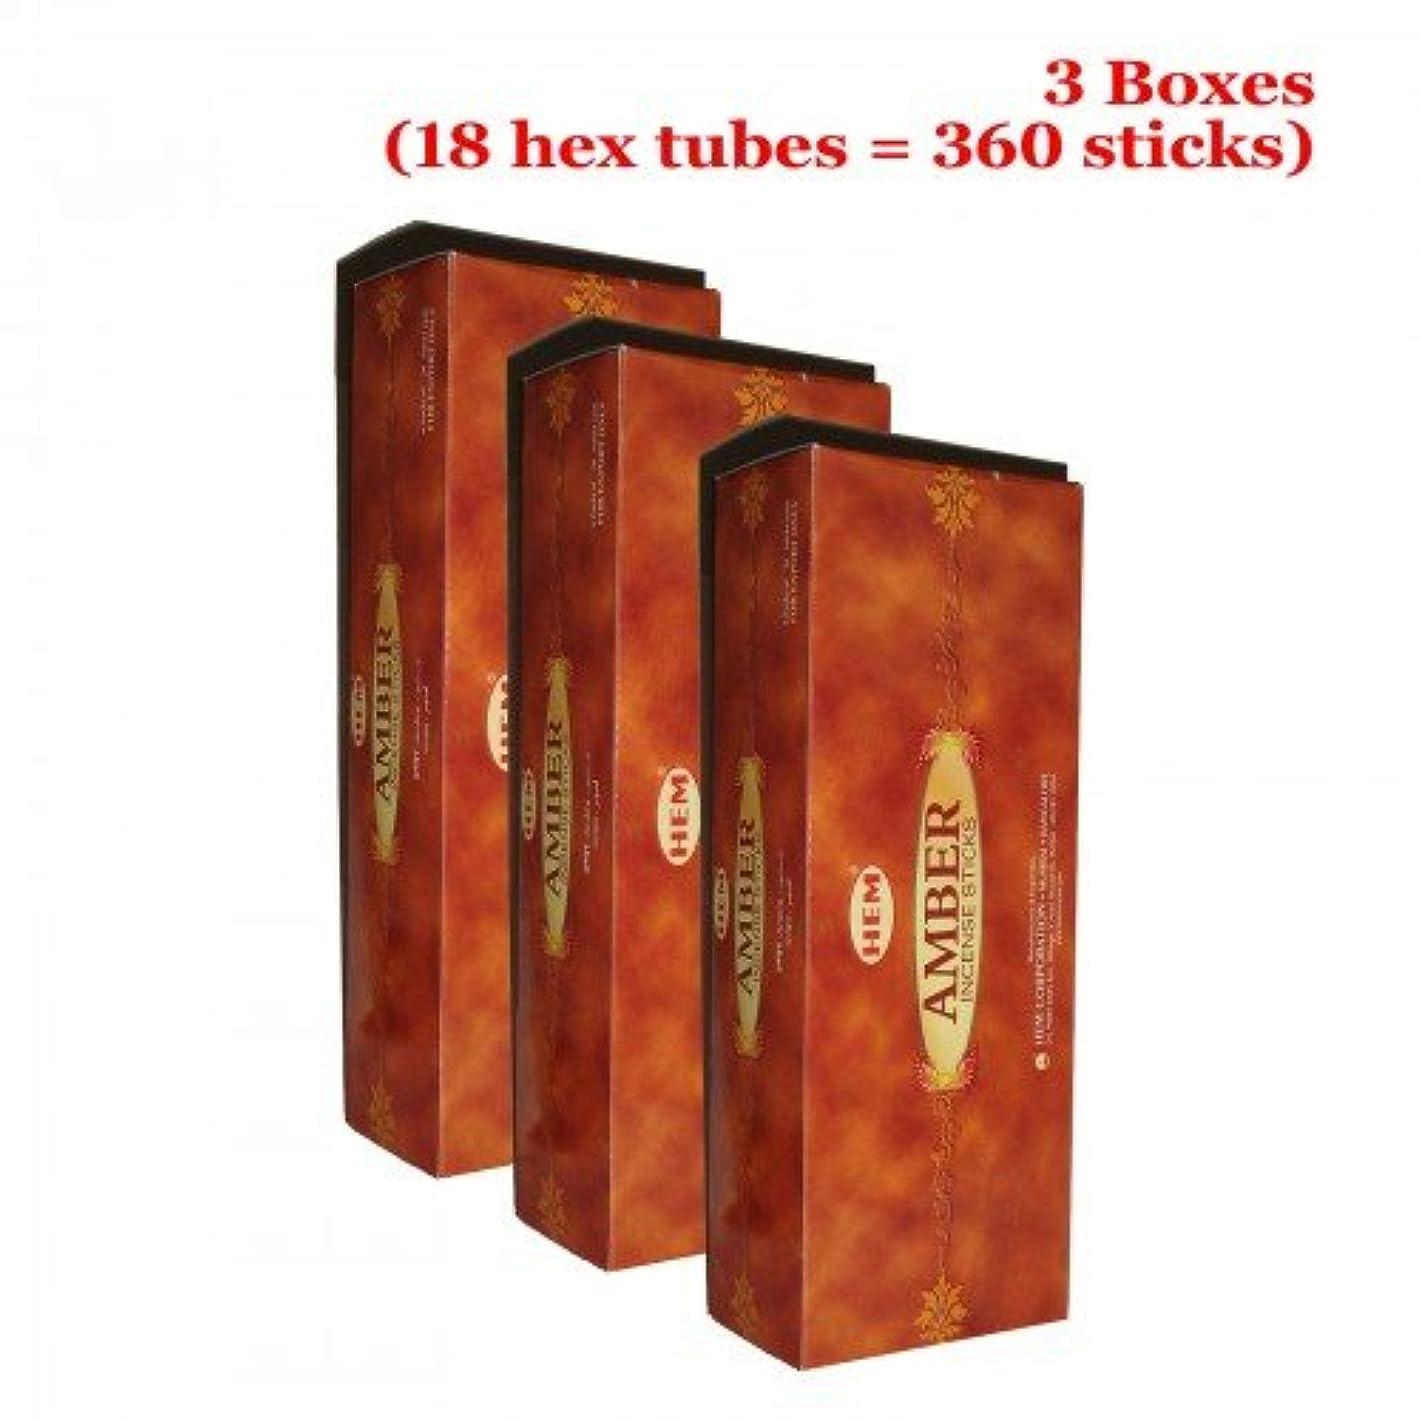 太平洋諸島住所高原Hemアンバー香、3ボックス – (360 Sticksバルクper order)